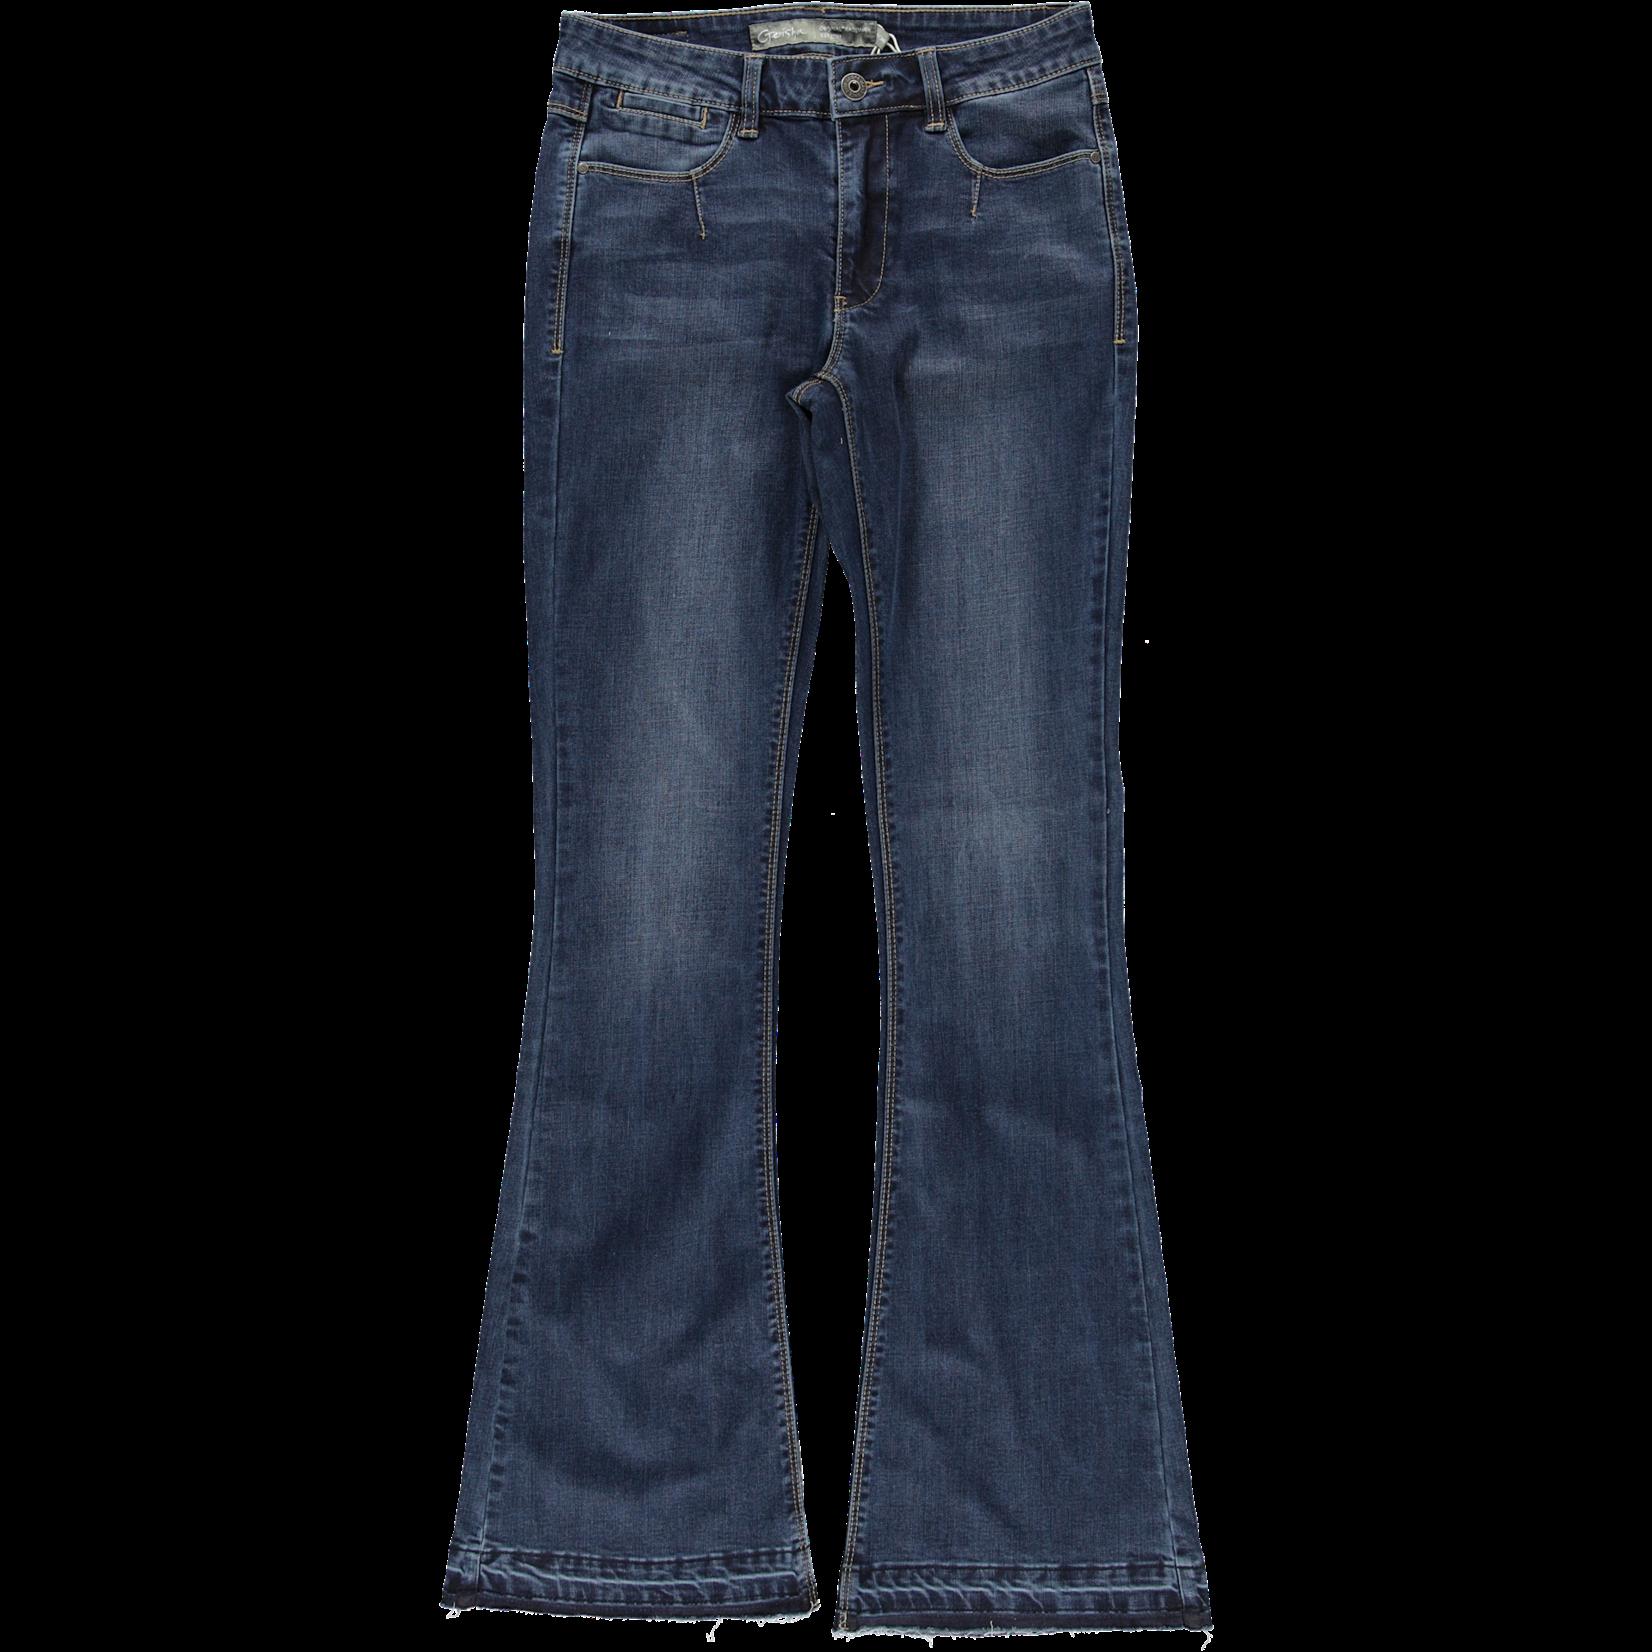 Geisha Geisha Jeans Flair blue denim stonewash 11531-10